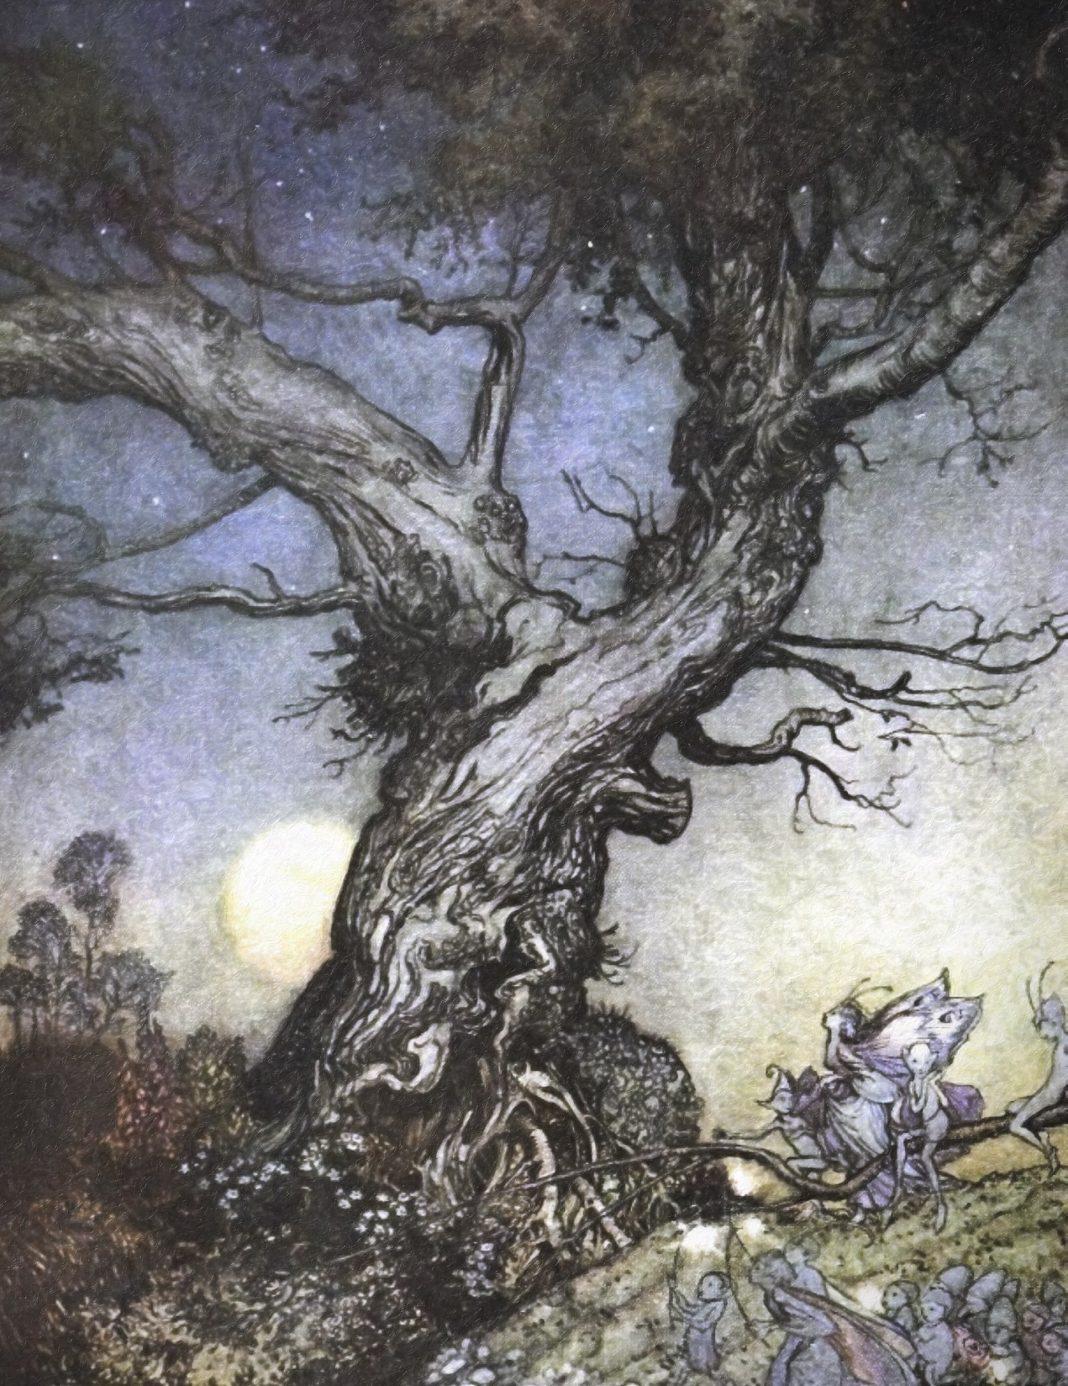 Fairy folk by an old gnarled tree by Arthur Rackham.